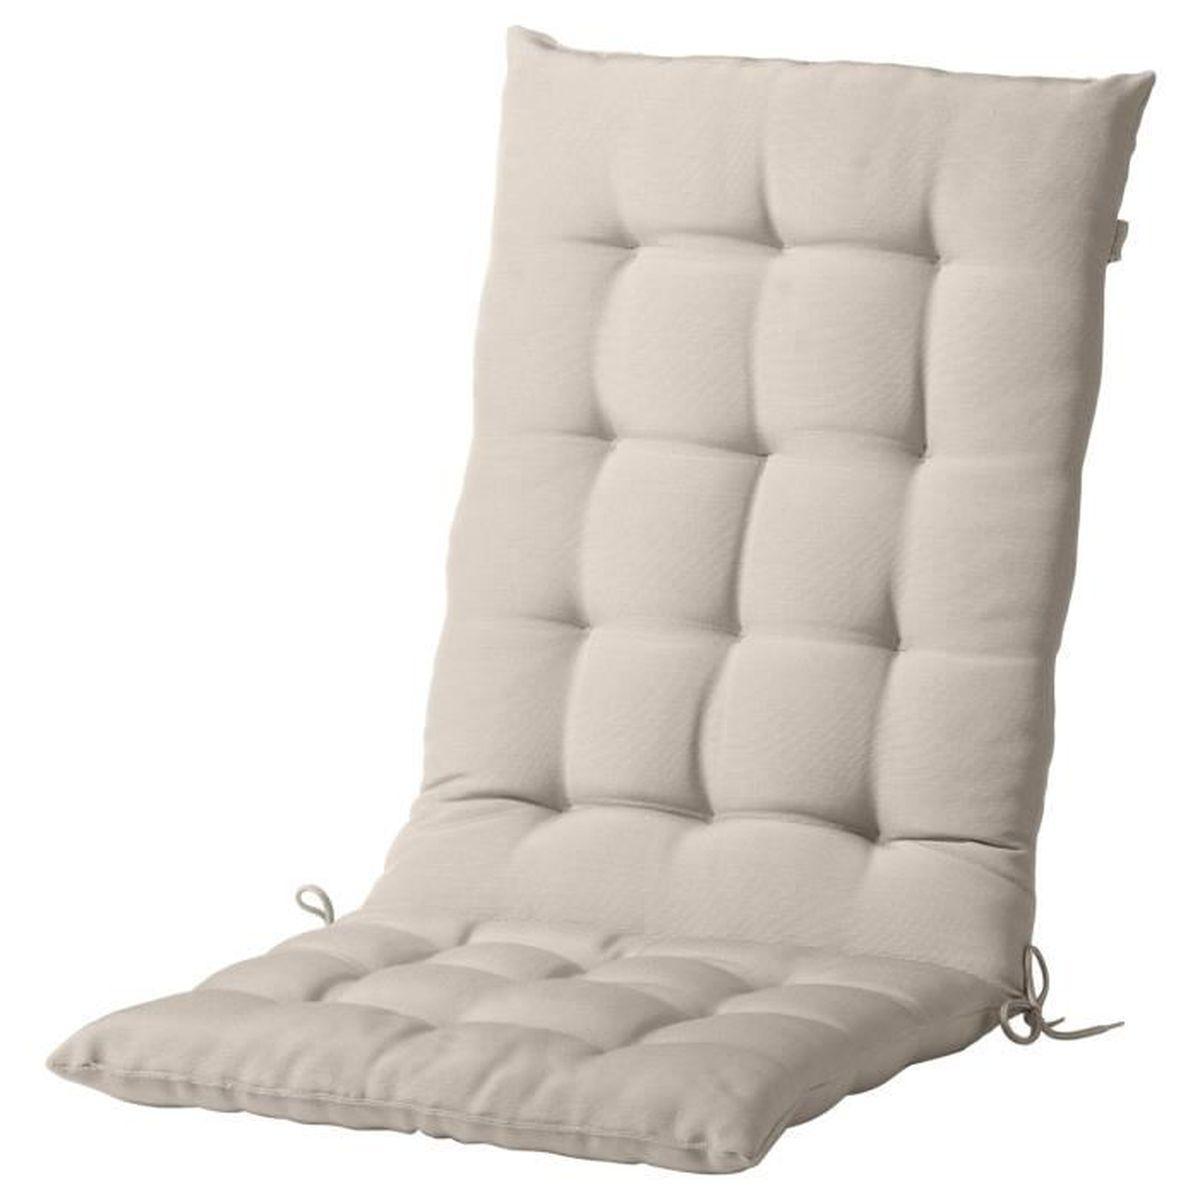 Grand Coussin Pour Exterieur coussin assise dossier couleur beige pour chaise terrasse ou